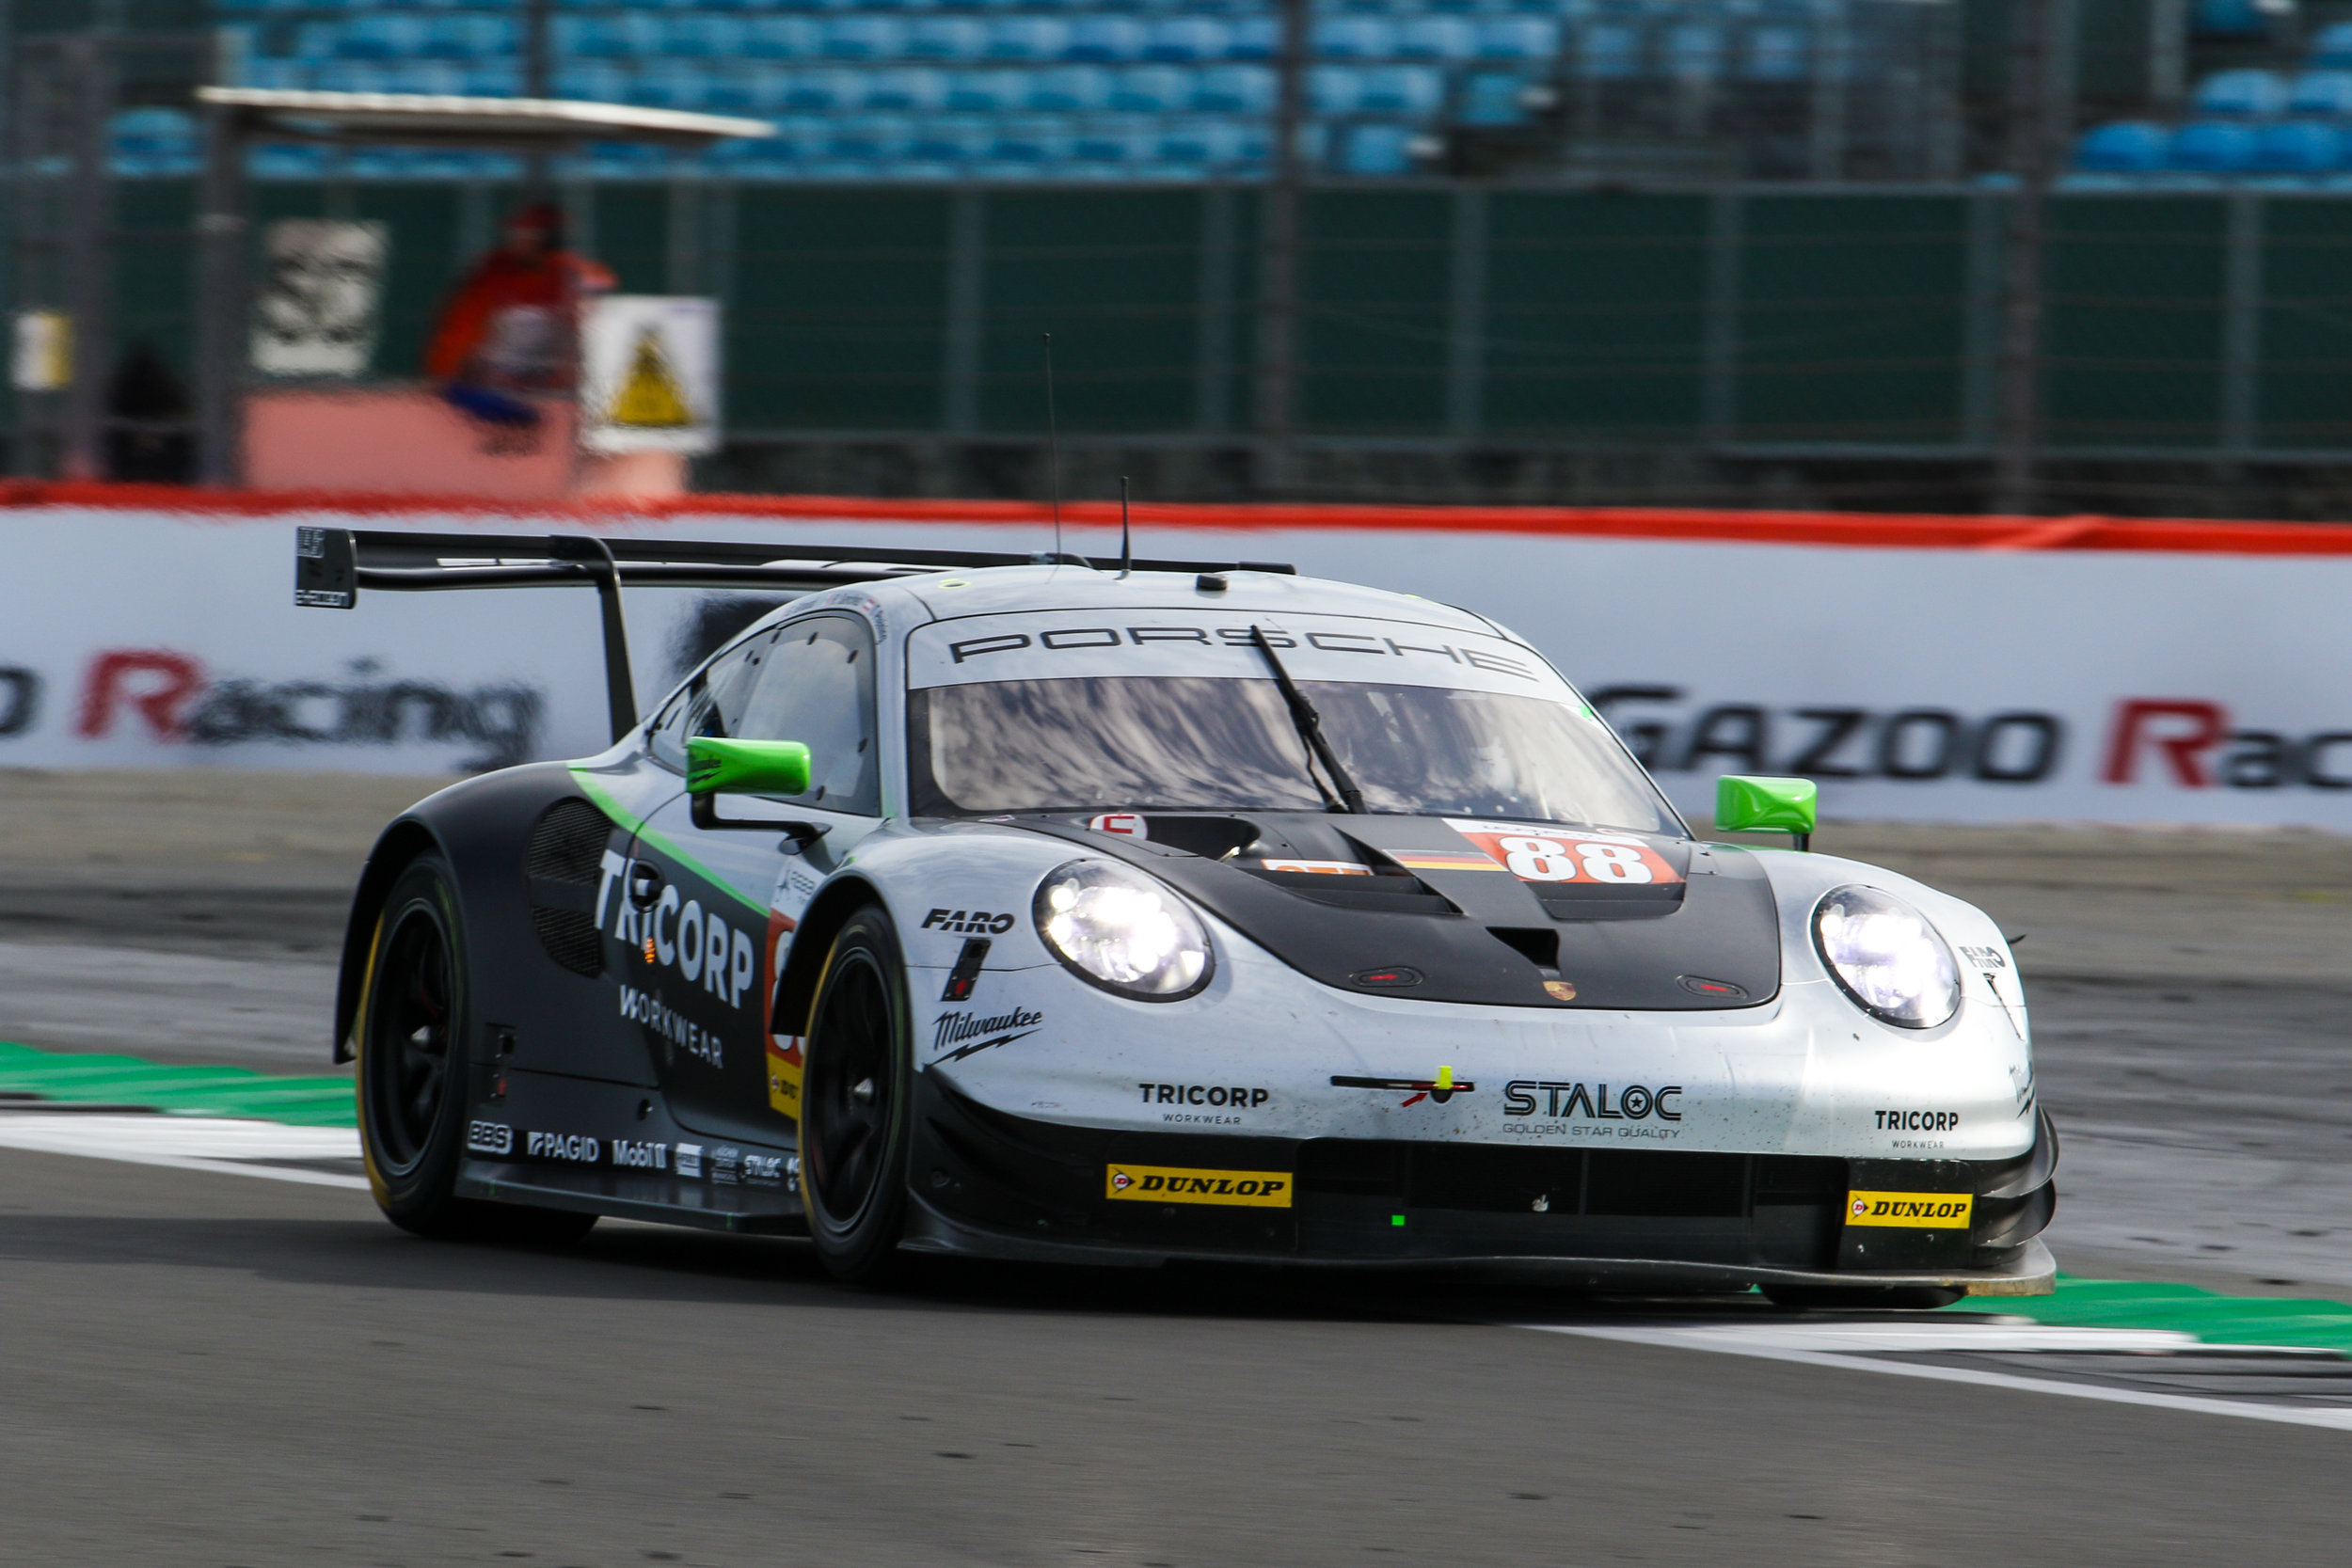 Porsche-Dunlop-Le Mans-Win.jpg